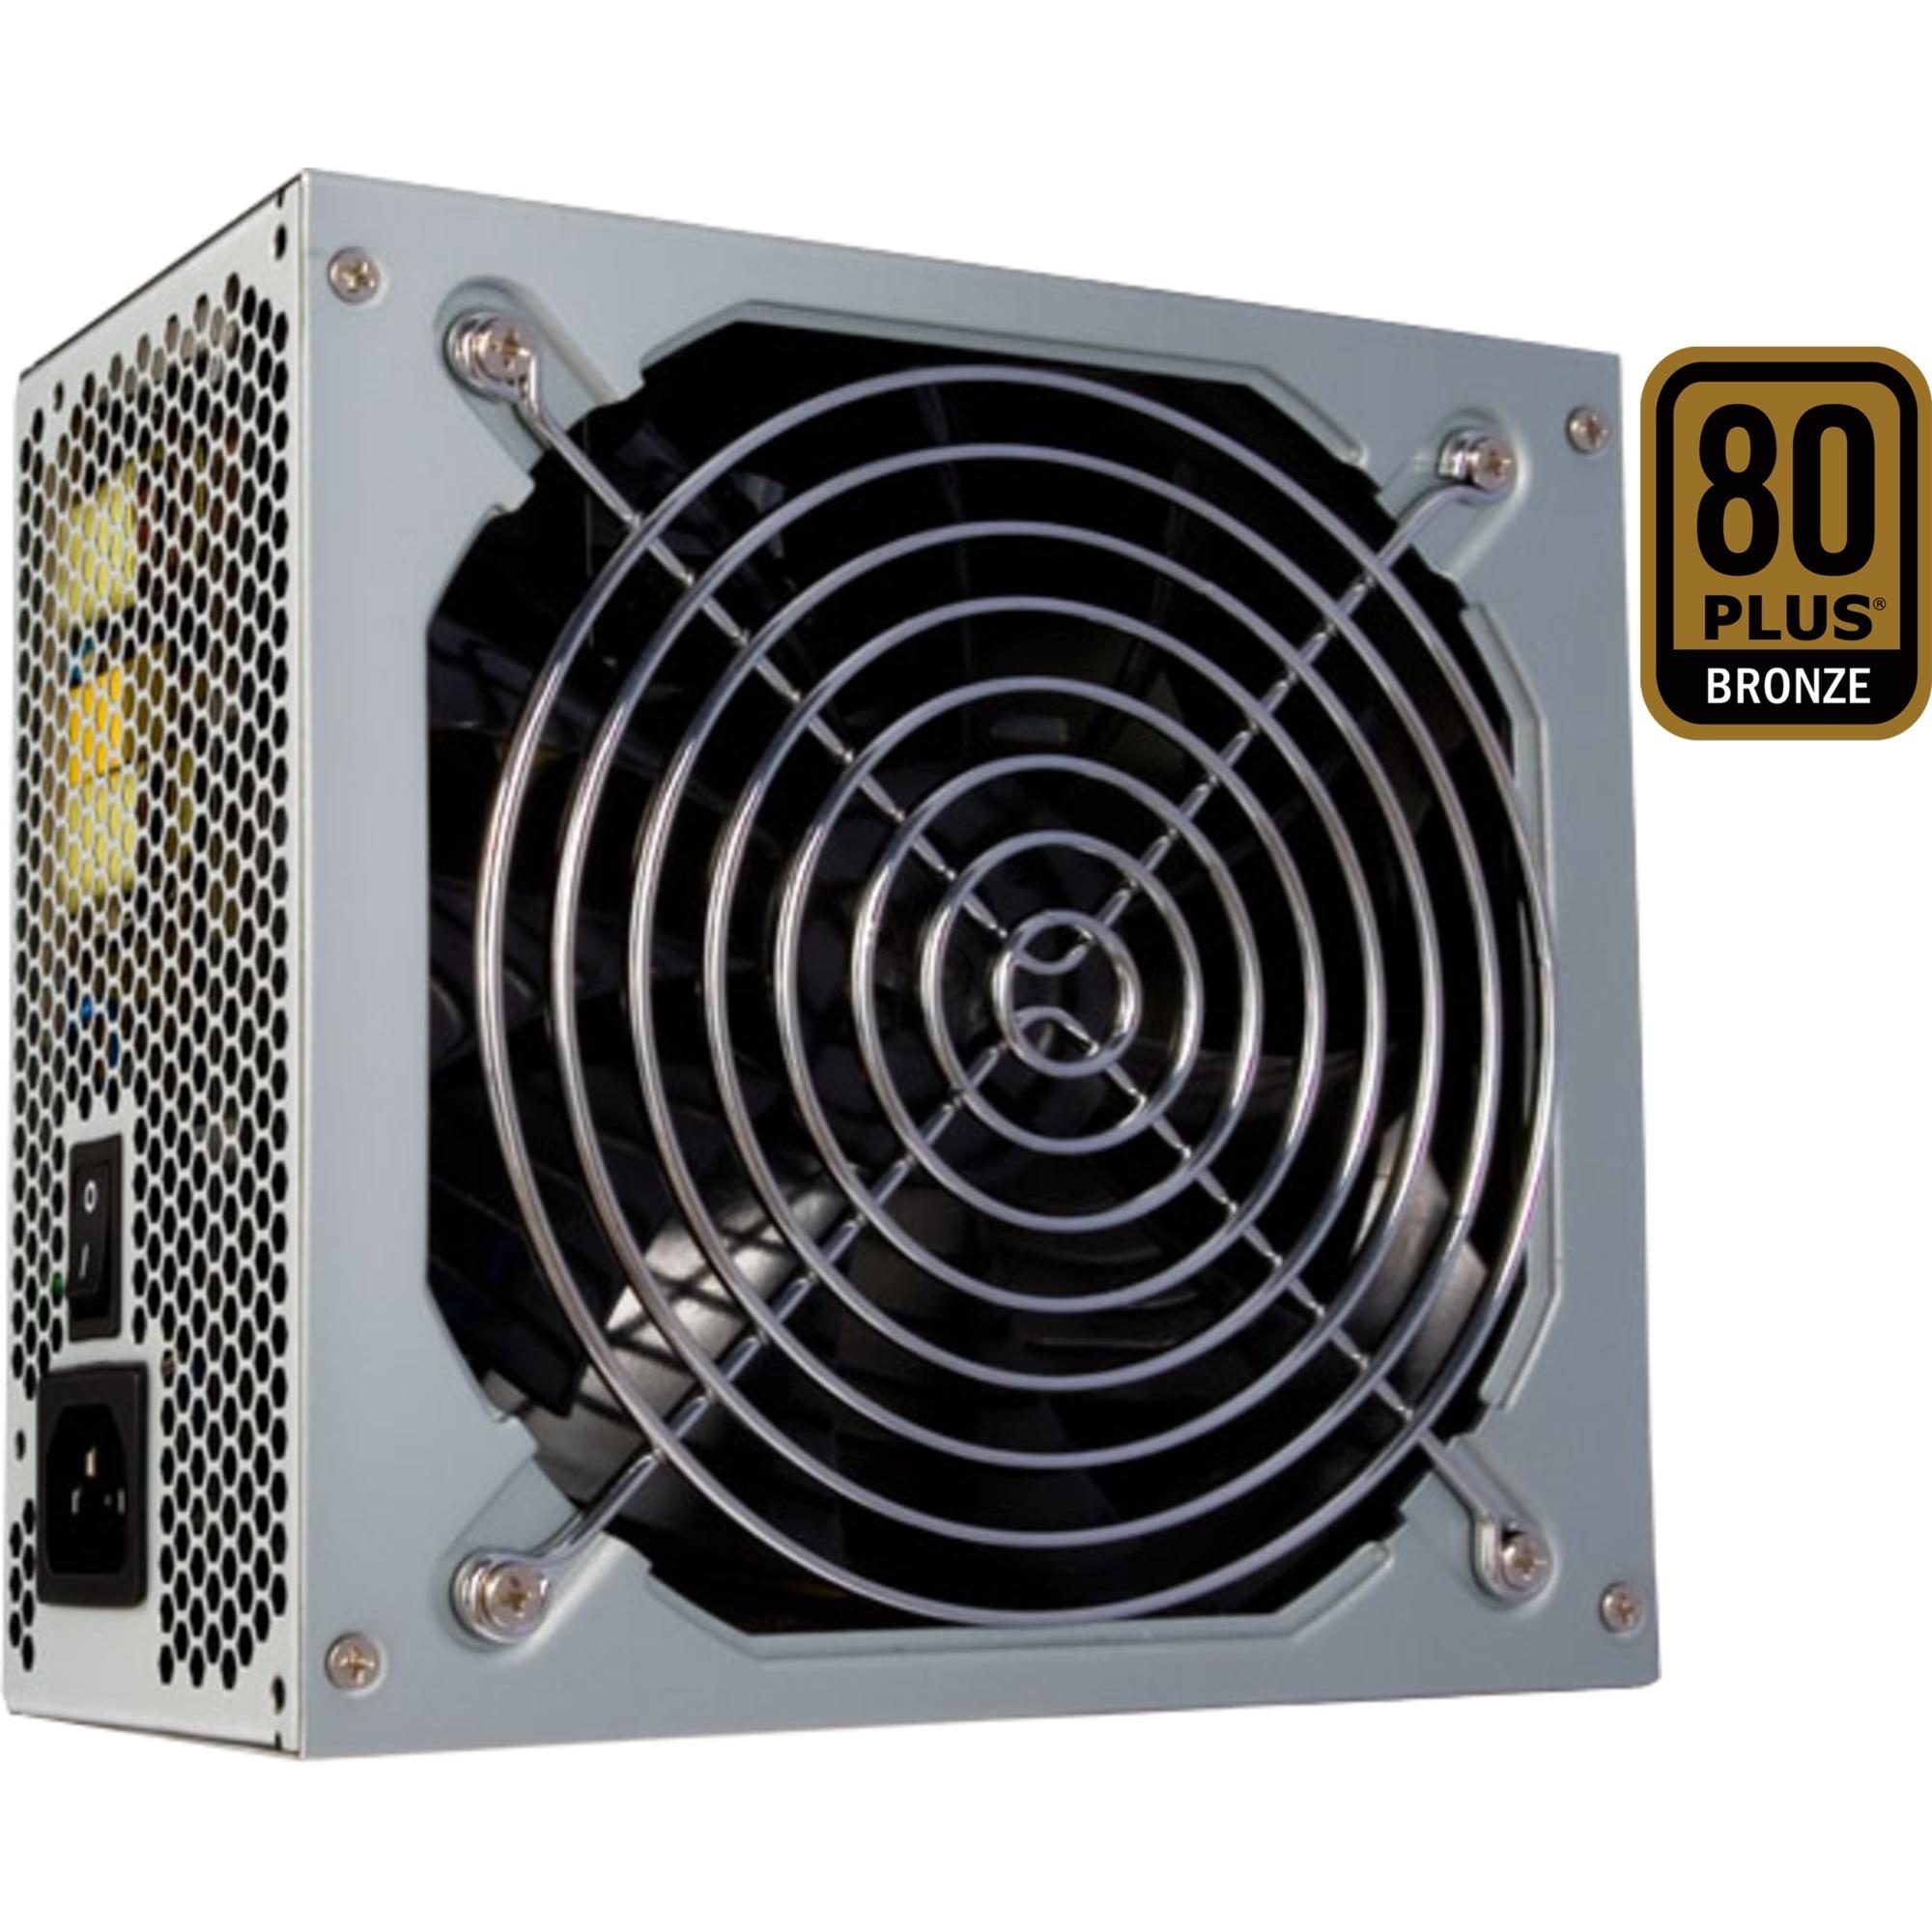 APS-500SB unidad de fuente de alimentación 500 W PS/2 Gris, Fuente de alimentación de PC